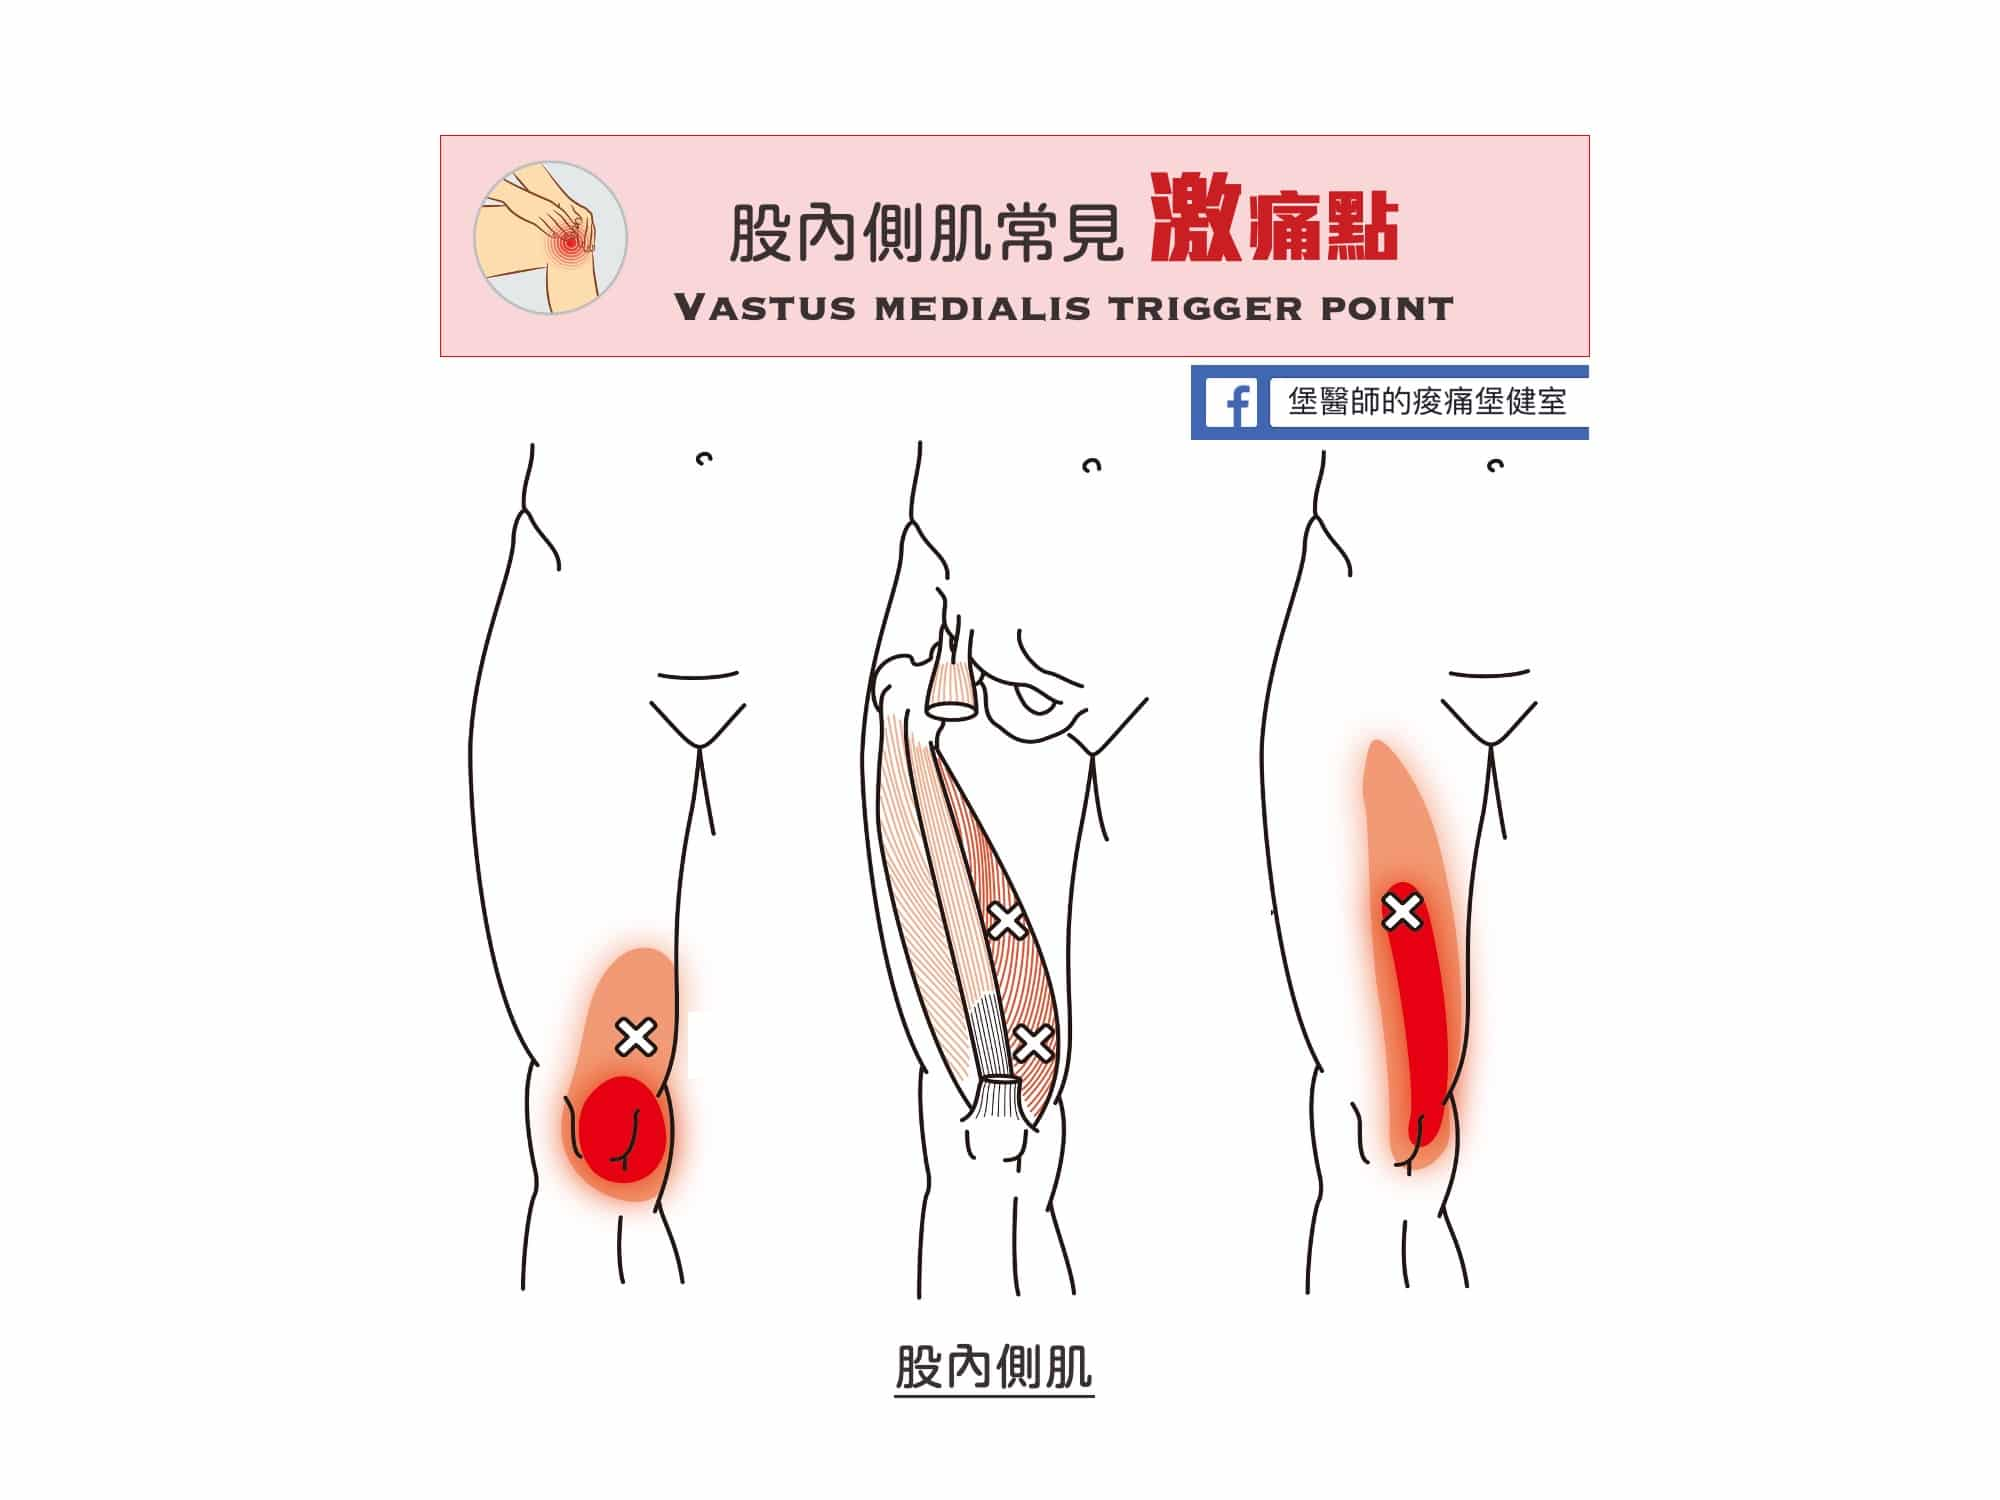 大腿膝蓋痛-股內側肌常見激痛點